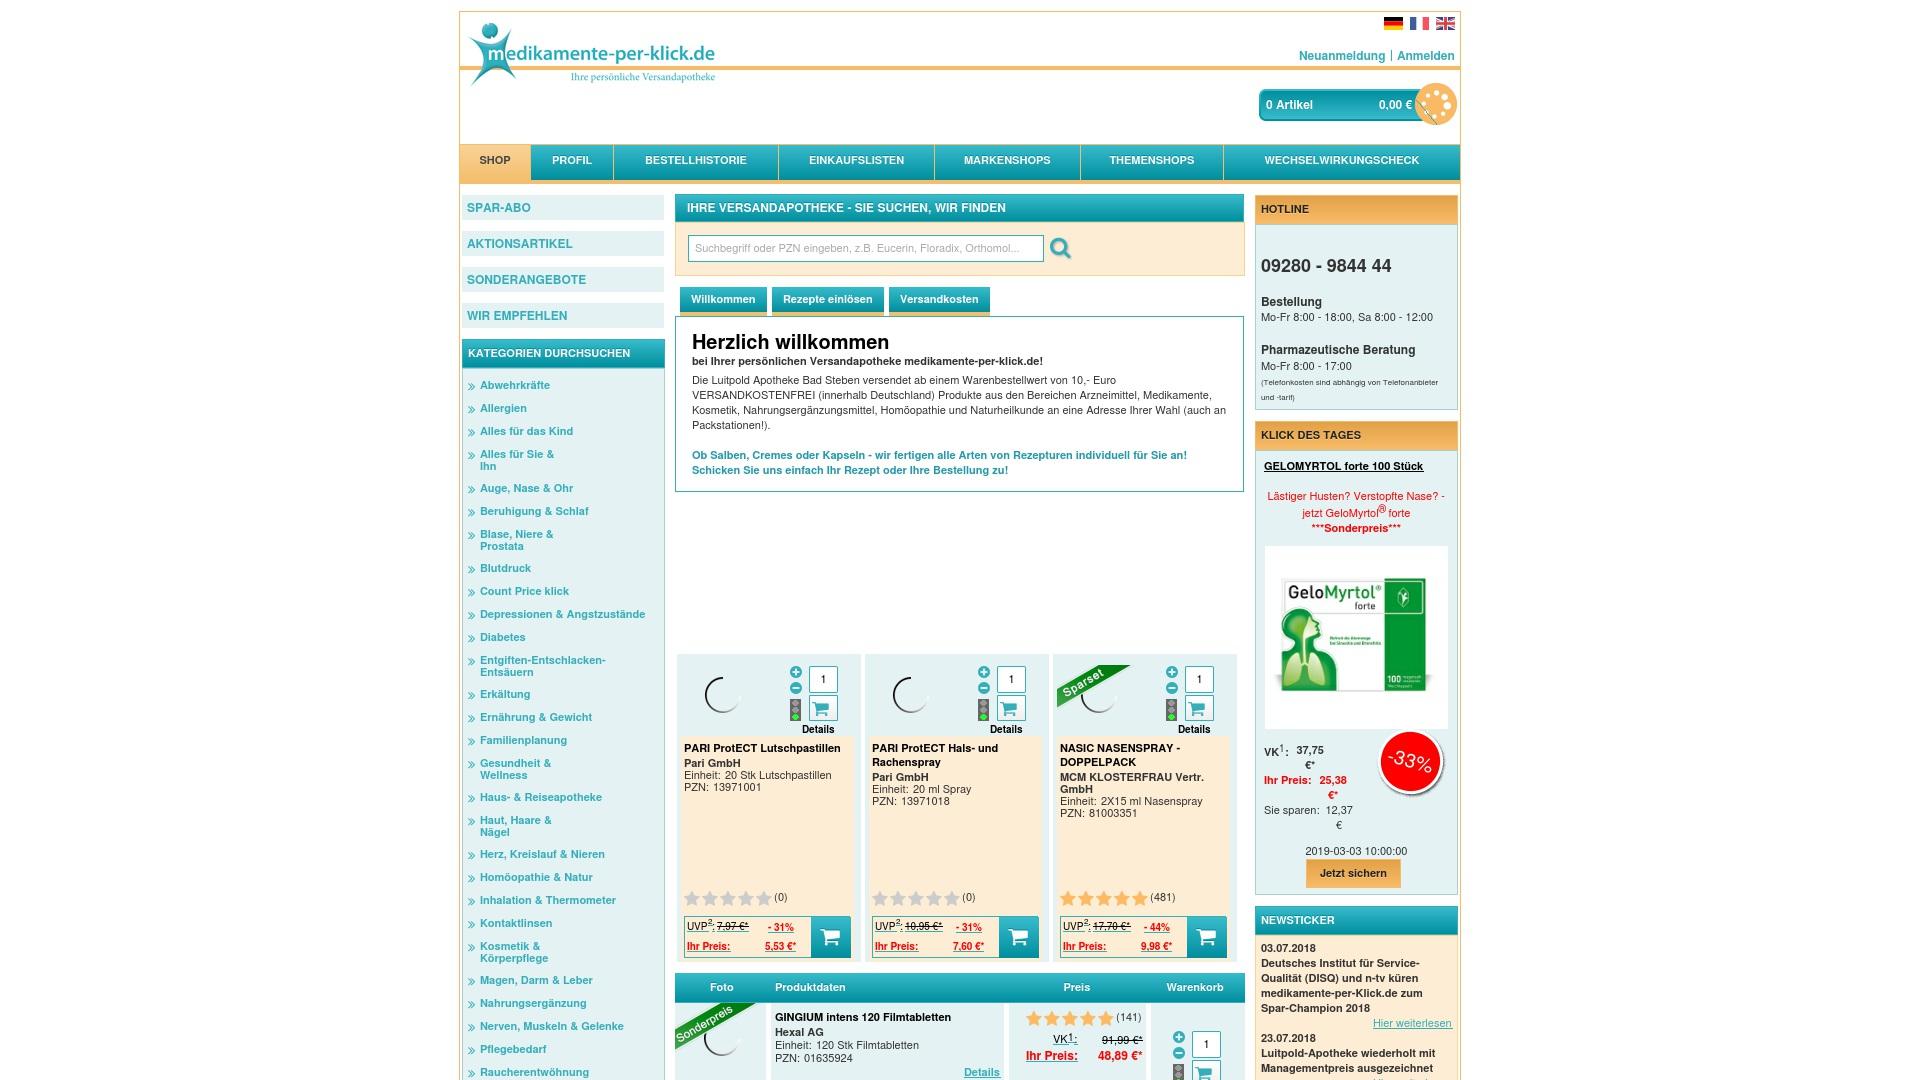 Gutschein für Medikamente-per-klick: Rabatte für  Medikamente-per-klick sichern